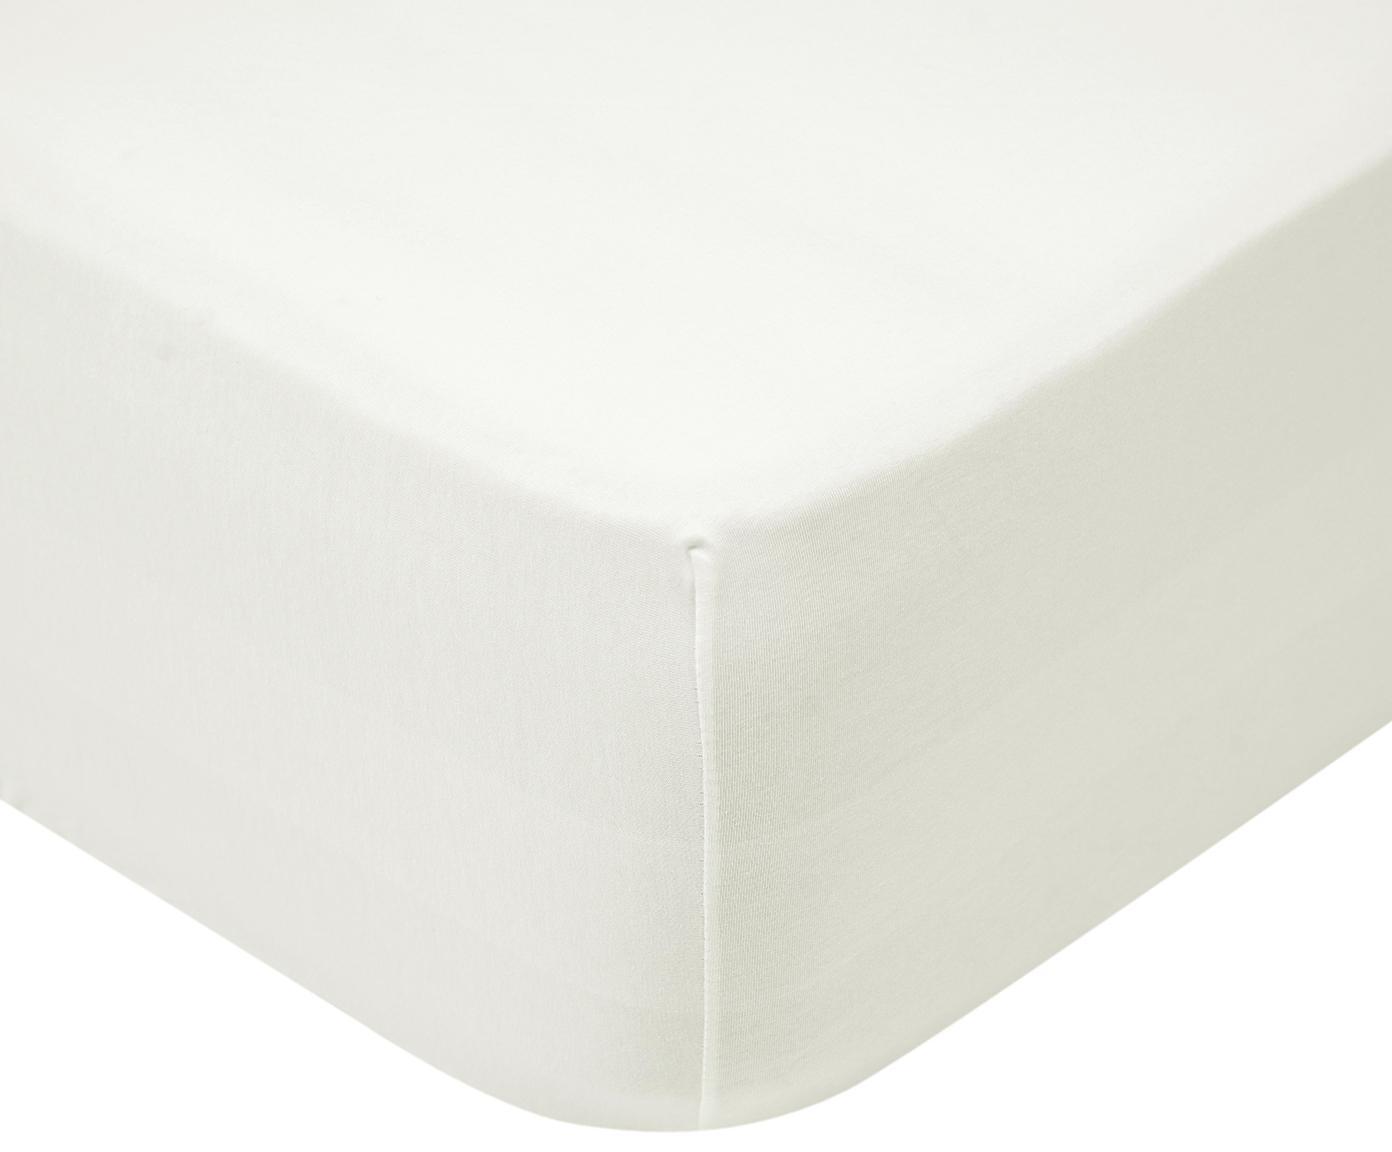 Spannbettlaken Lara, Jersey-Elasthan, 95% Baumwolle, 5% Elasthan, Cremefarben, 90 x 200 cm